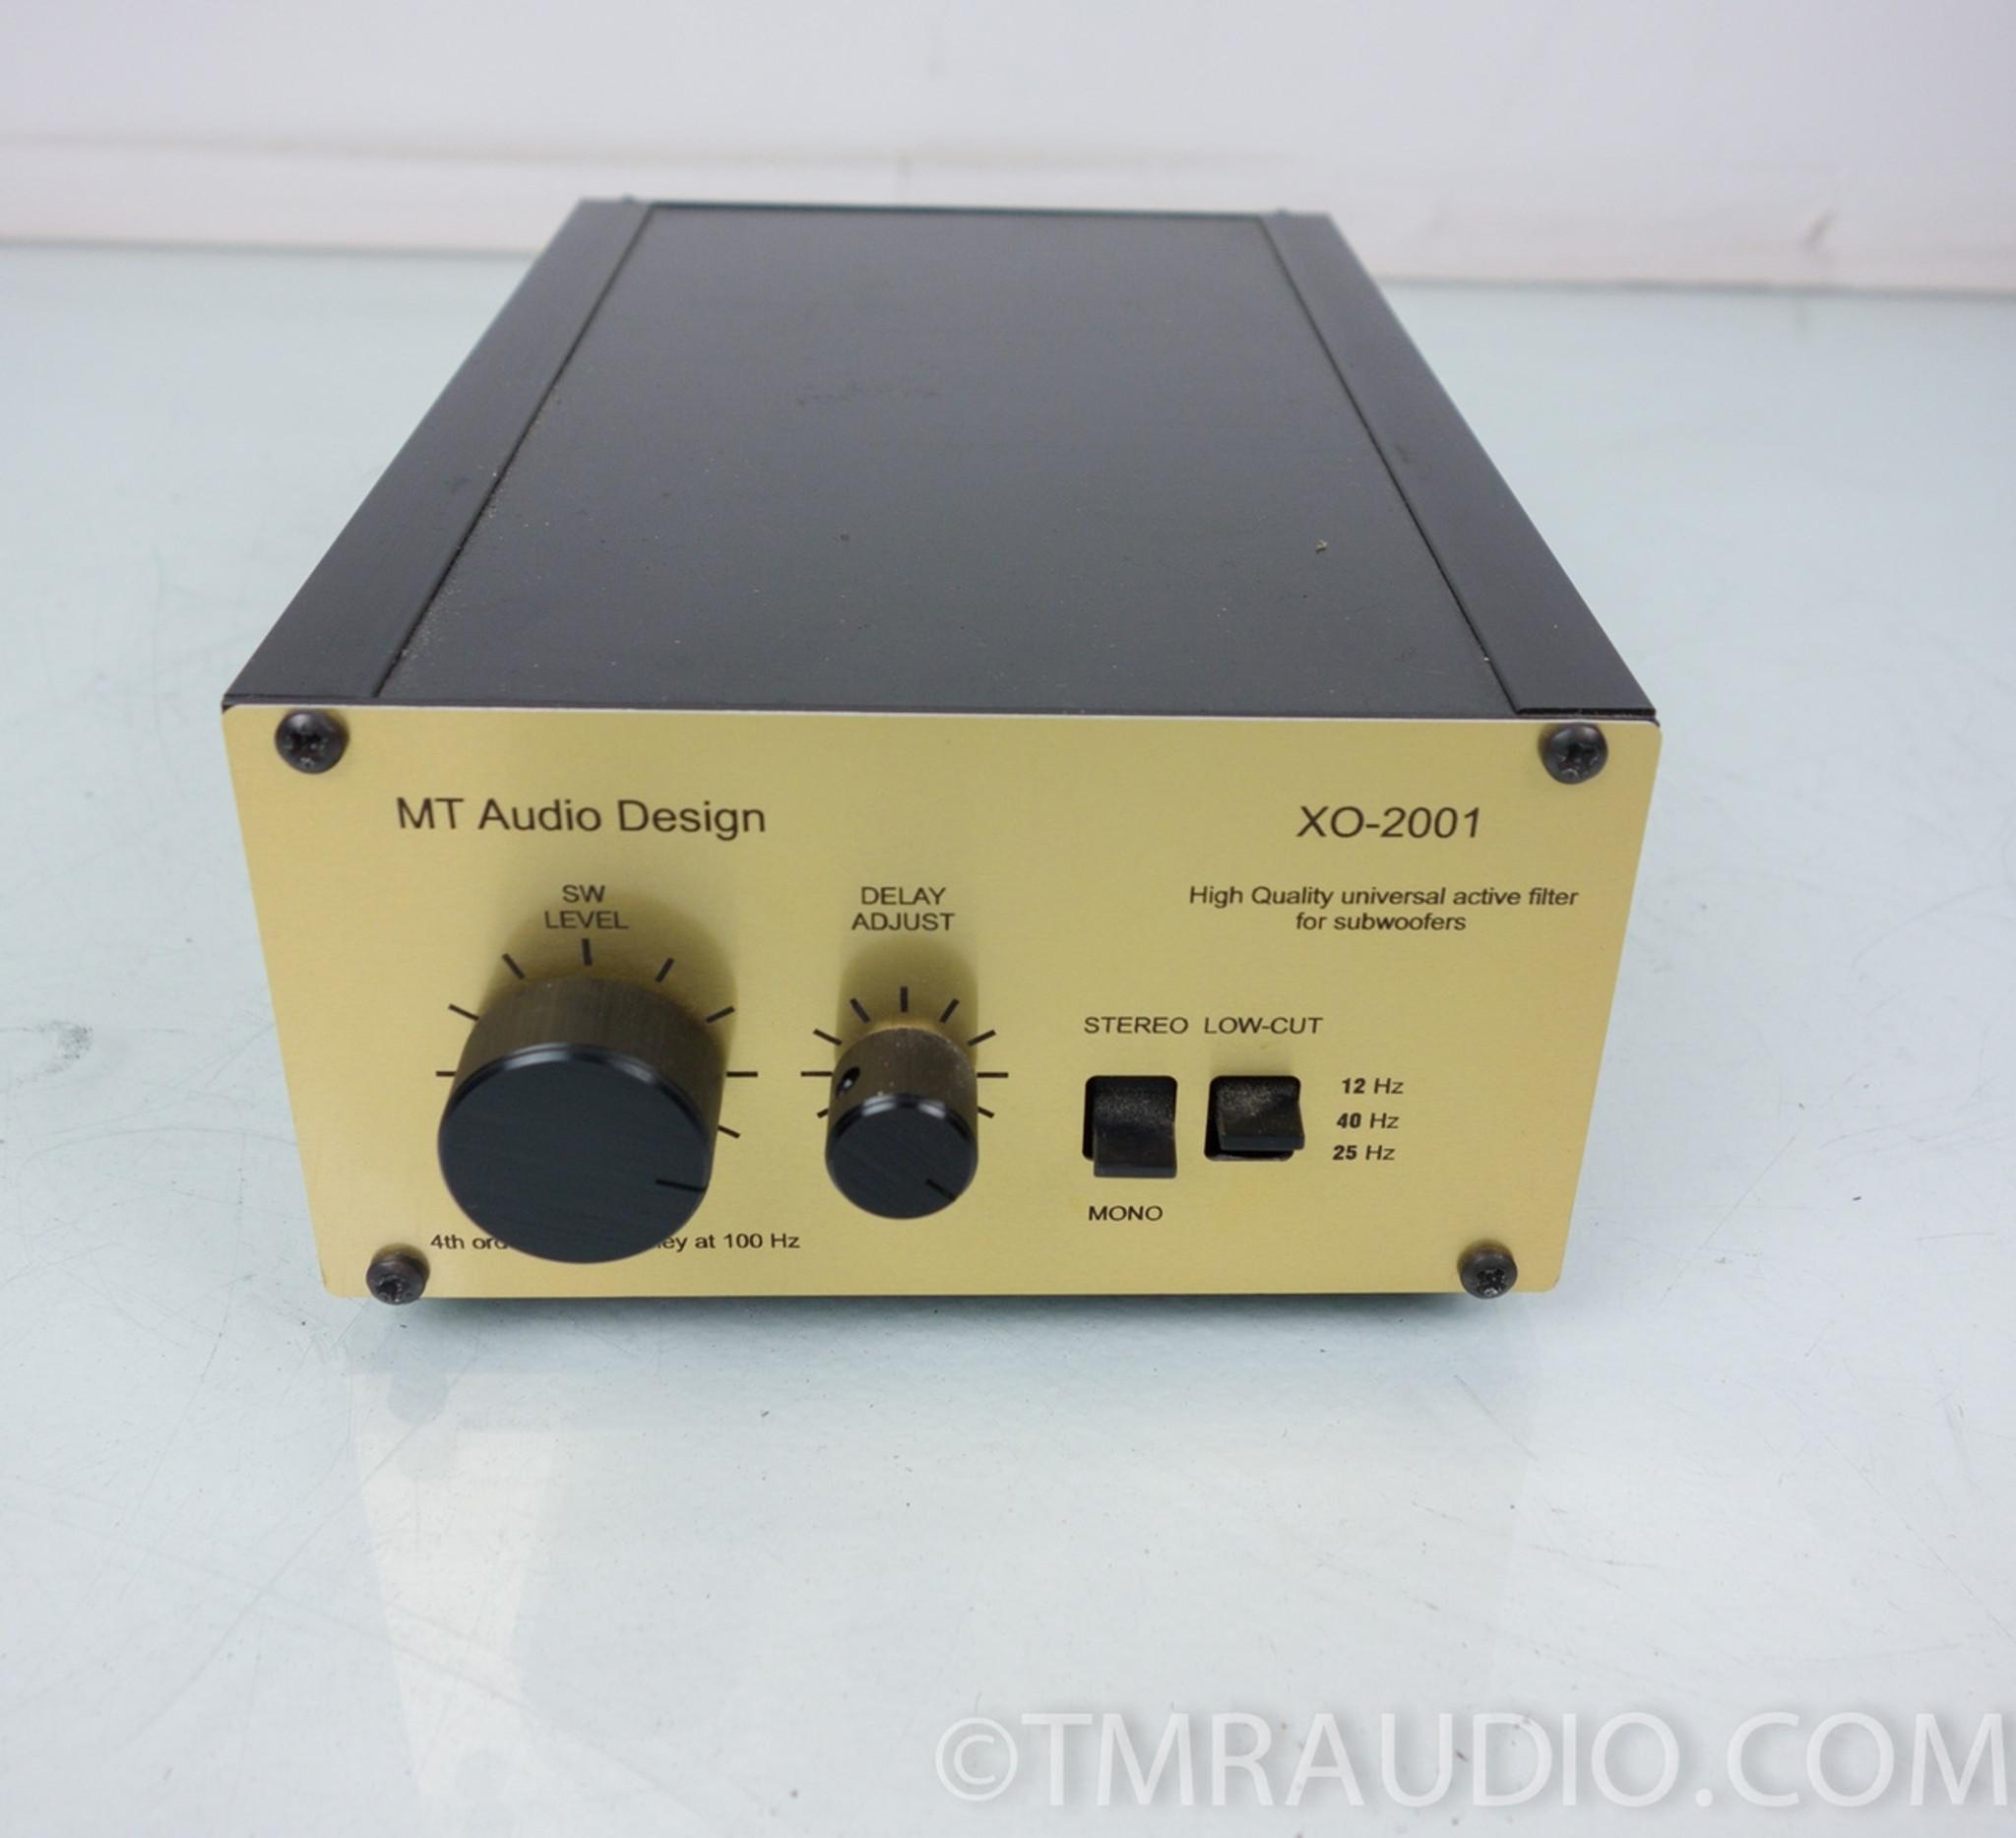 Gradient SW-63 Subwoofer & MT Audio Design XO-2001 X-over (4 Quad ESL63) -  The Music Room